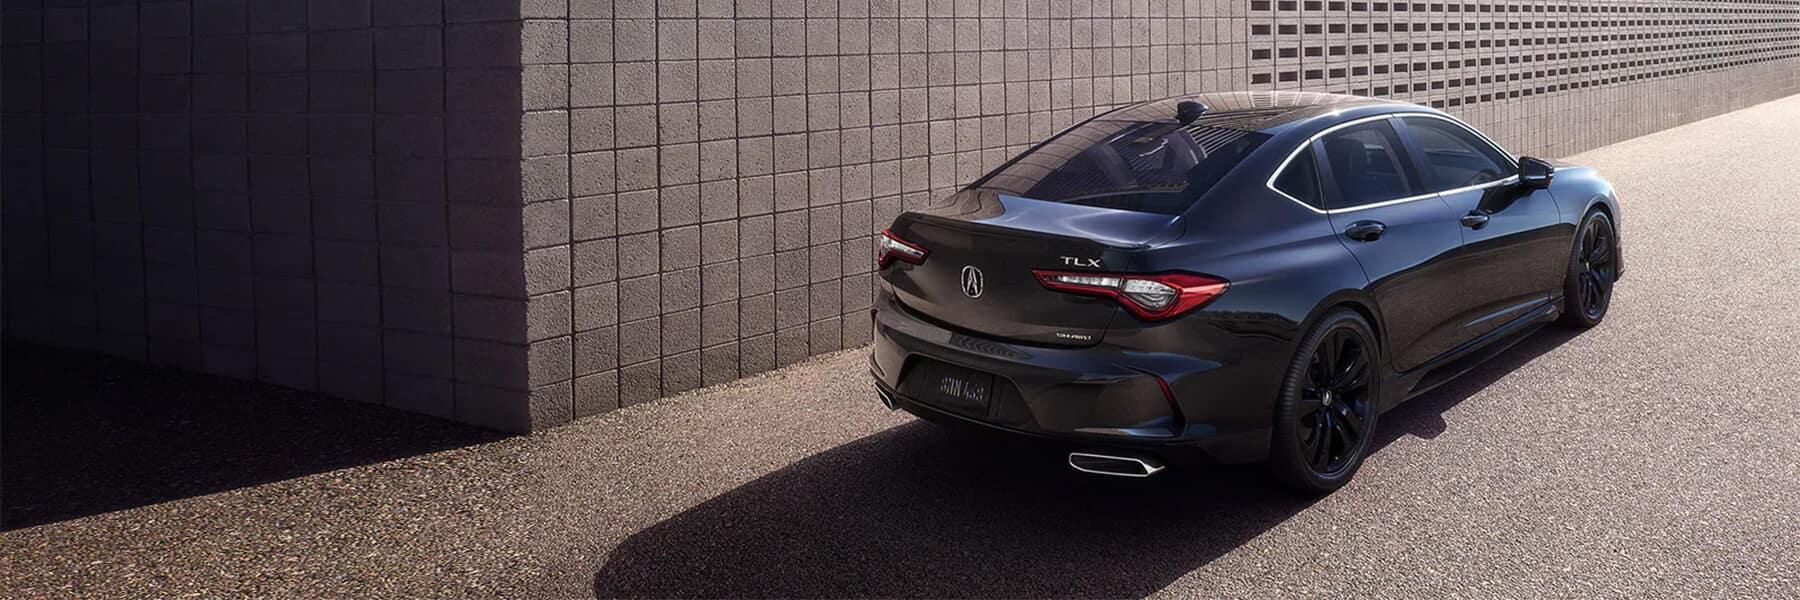 Acura Models List 2021 TLX Slider